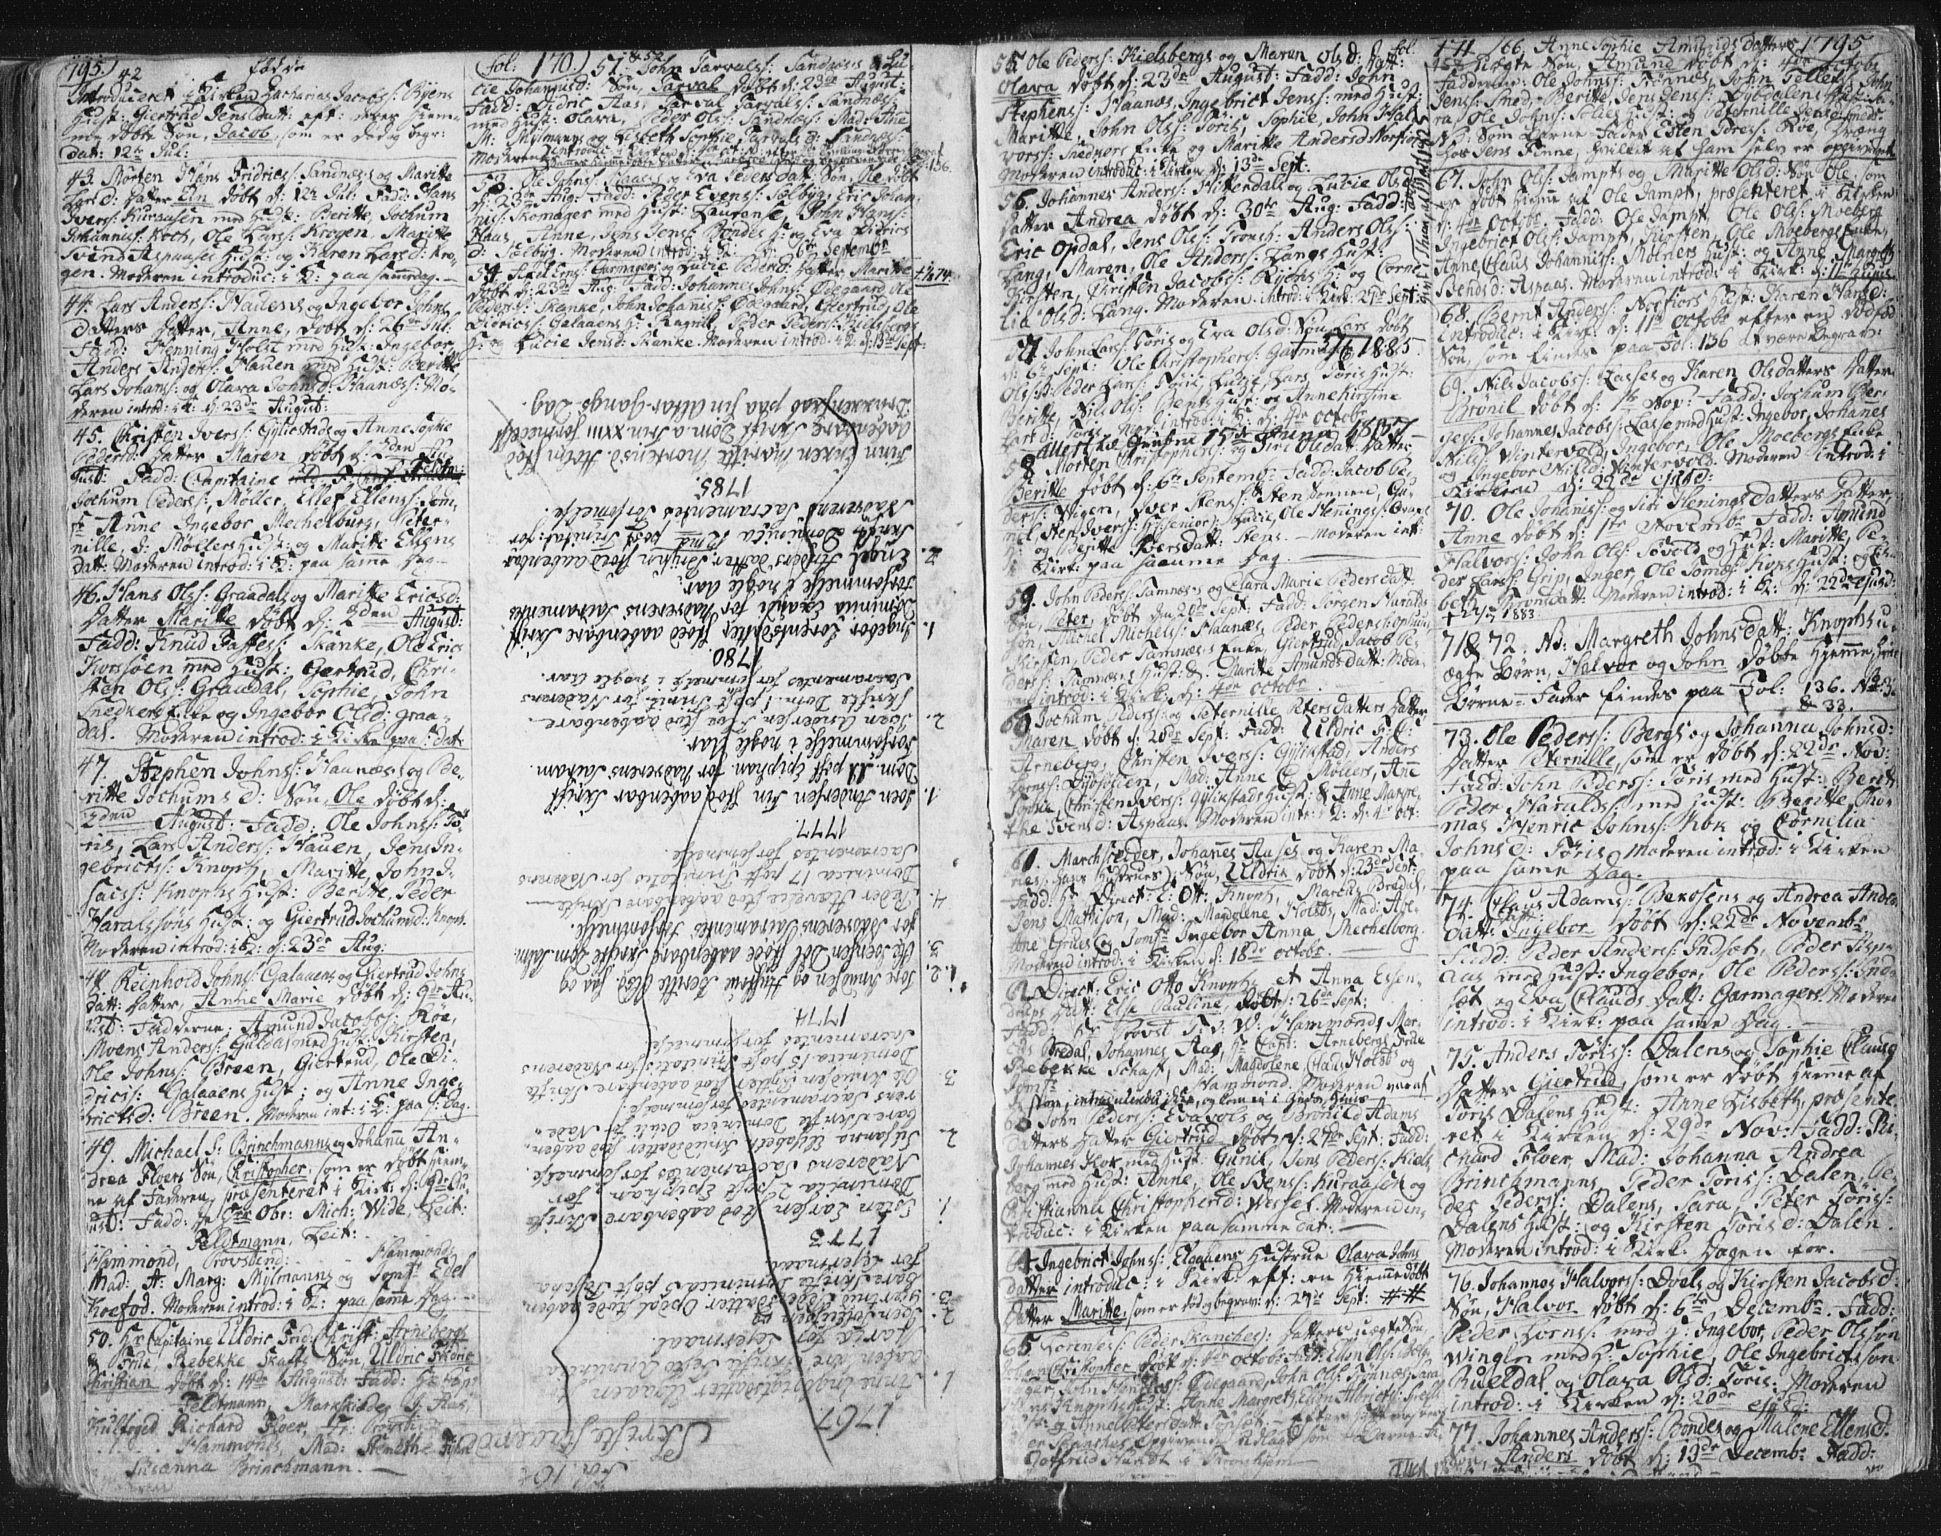 SAT, Ministerialprotokoller, klokkerbøker og fødselsregistre - Sør-Trøndelag, 681/L0926: Ministerialbok nr. 681A04, 1767-1797, s. 158